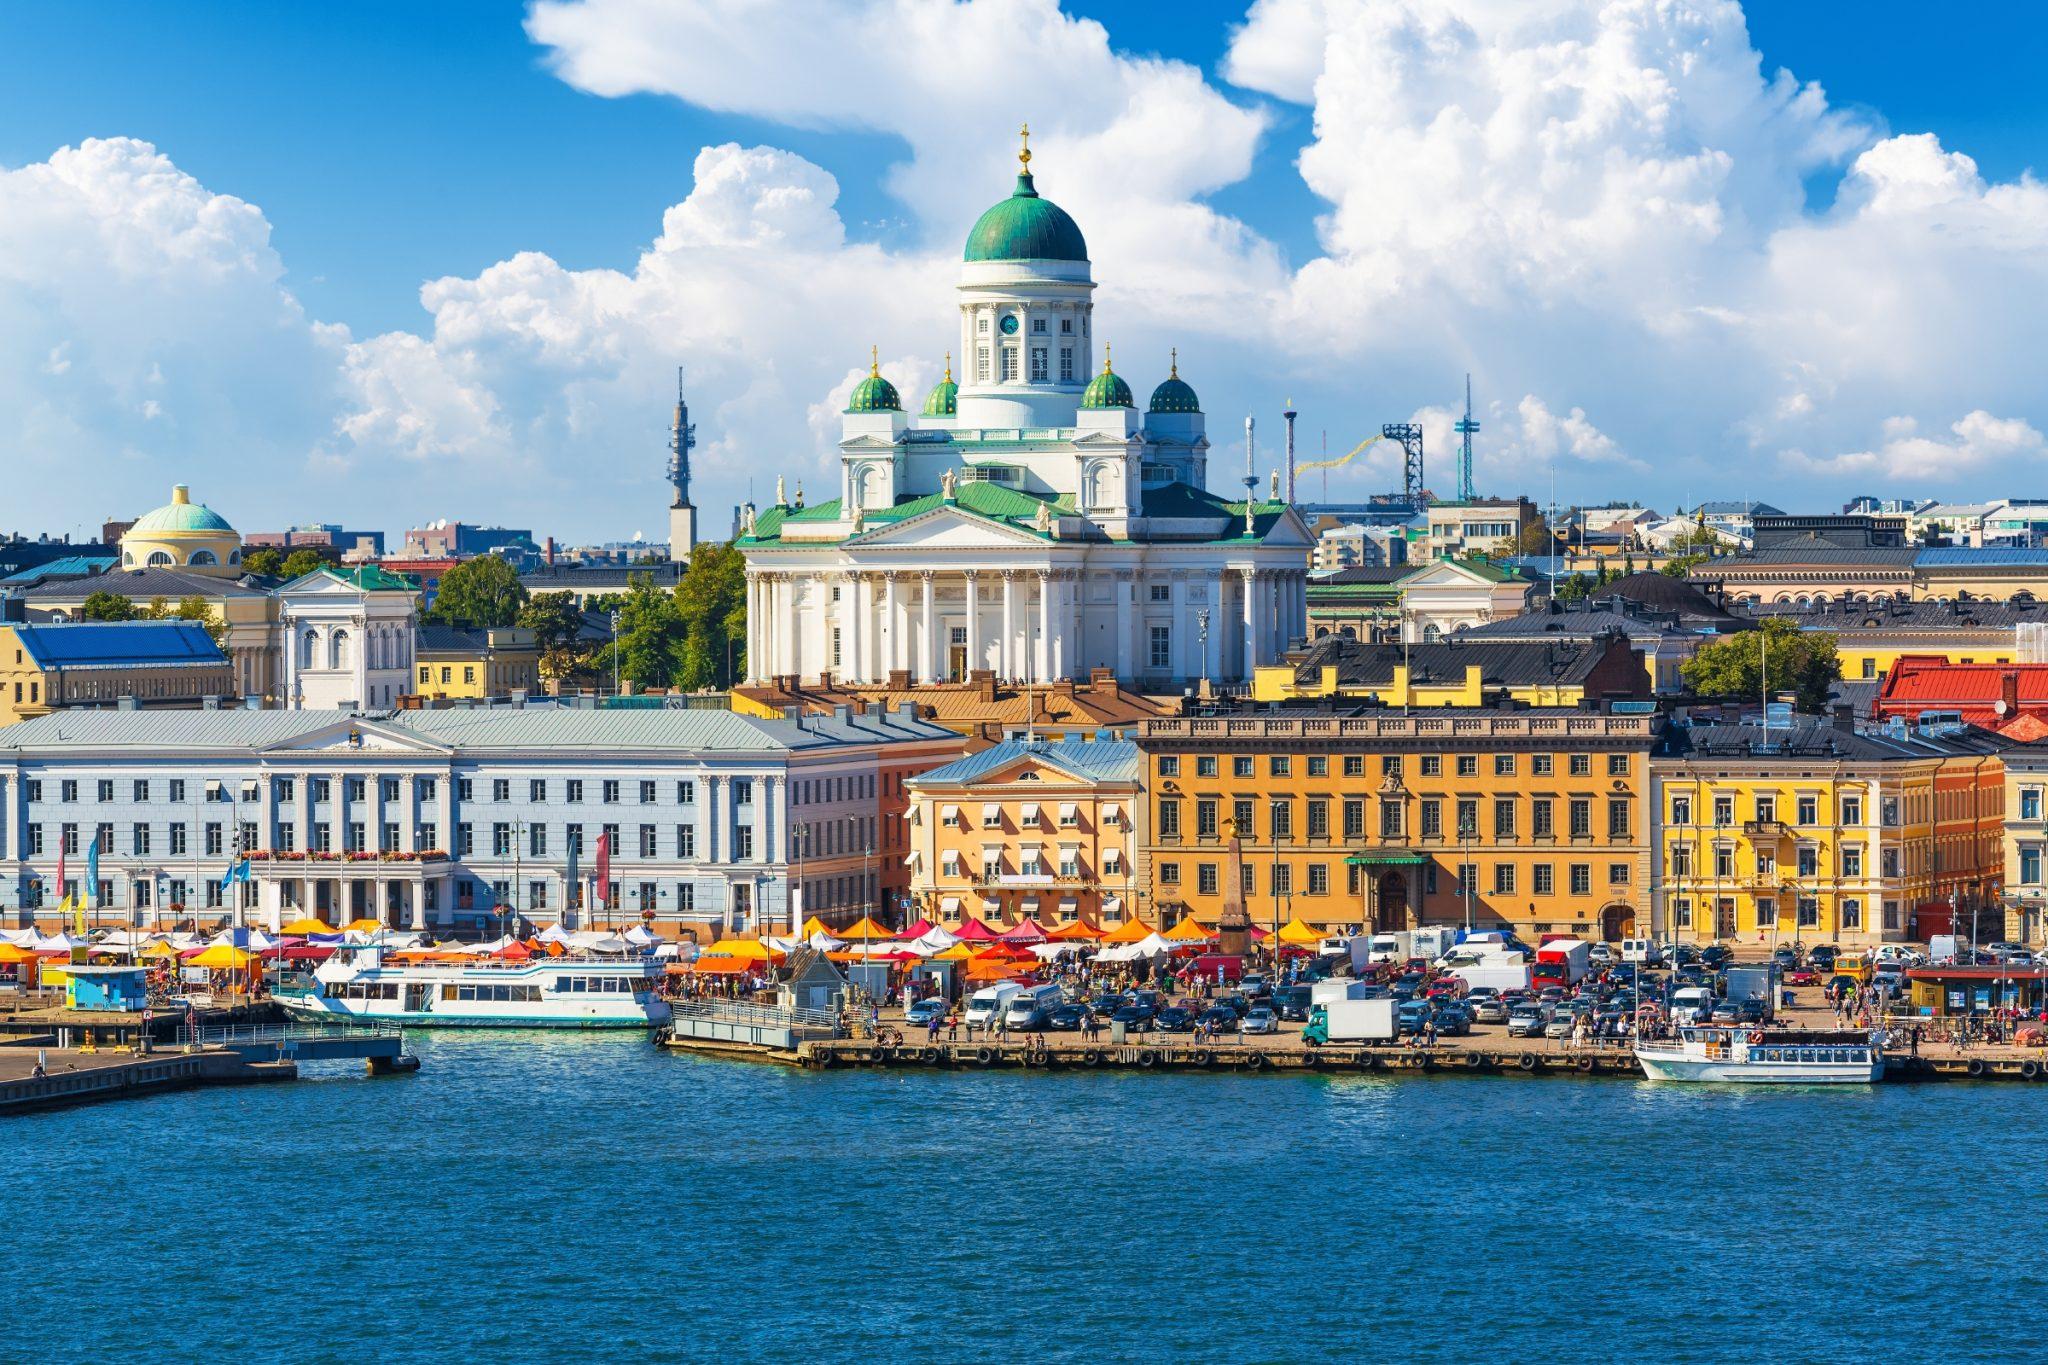 Crociera capitali baltiche. Un sogno da realizzare